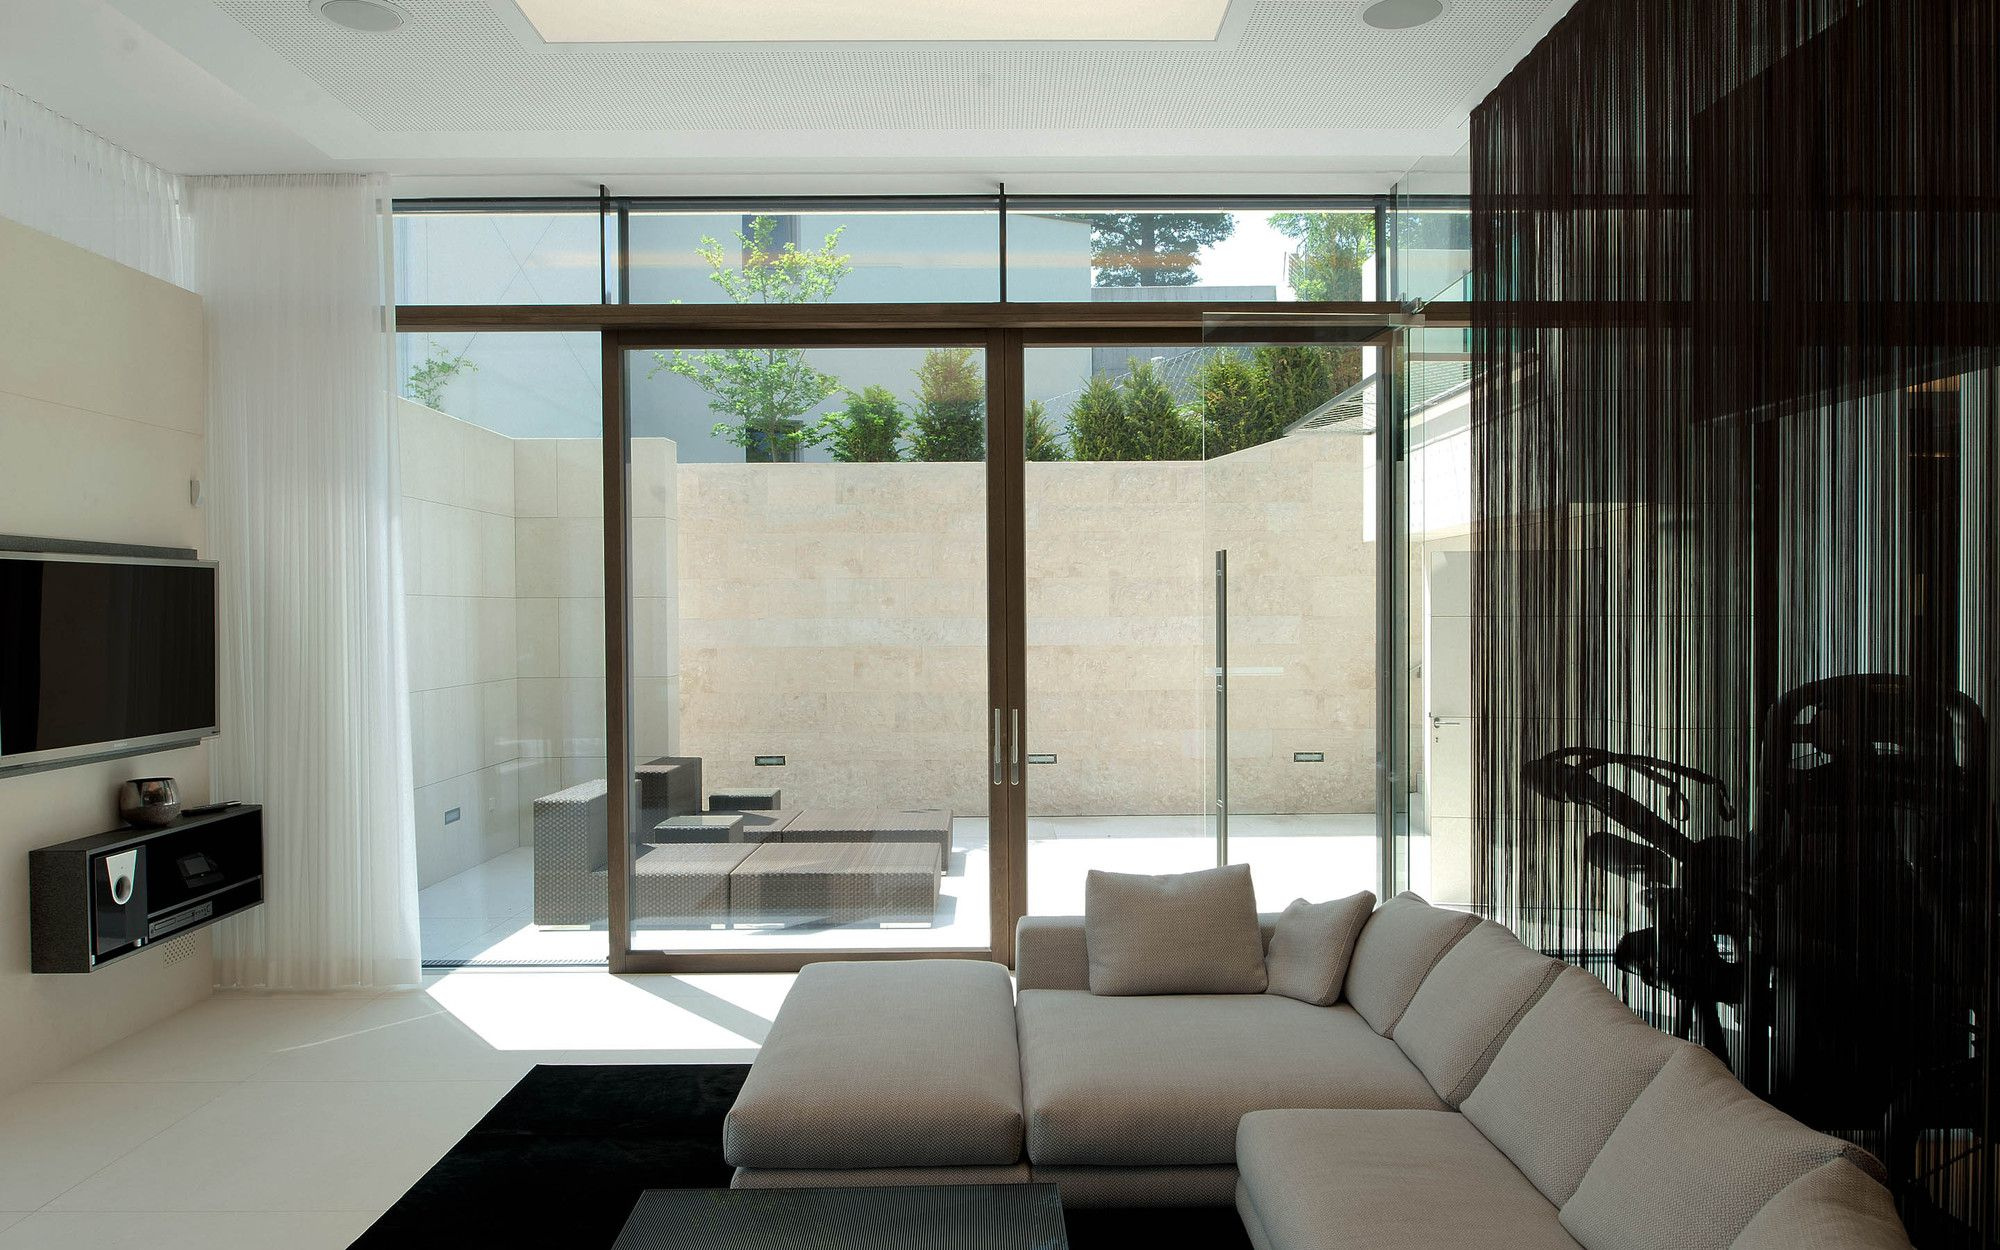 51926242b3fc4b53ed00005e_villa-upper-austria-two-in-a-box-architekten_villa_upper_austria_-_05_-_two_in_a_box_-_architekten